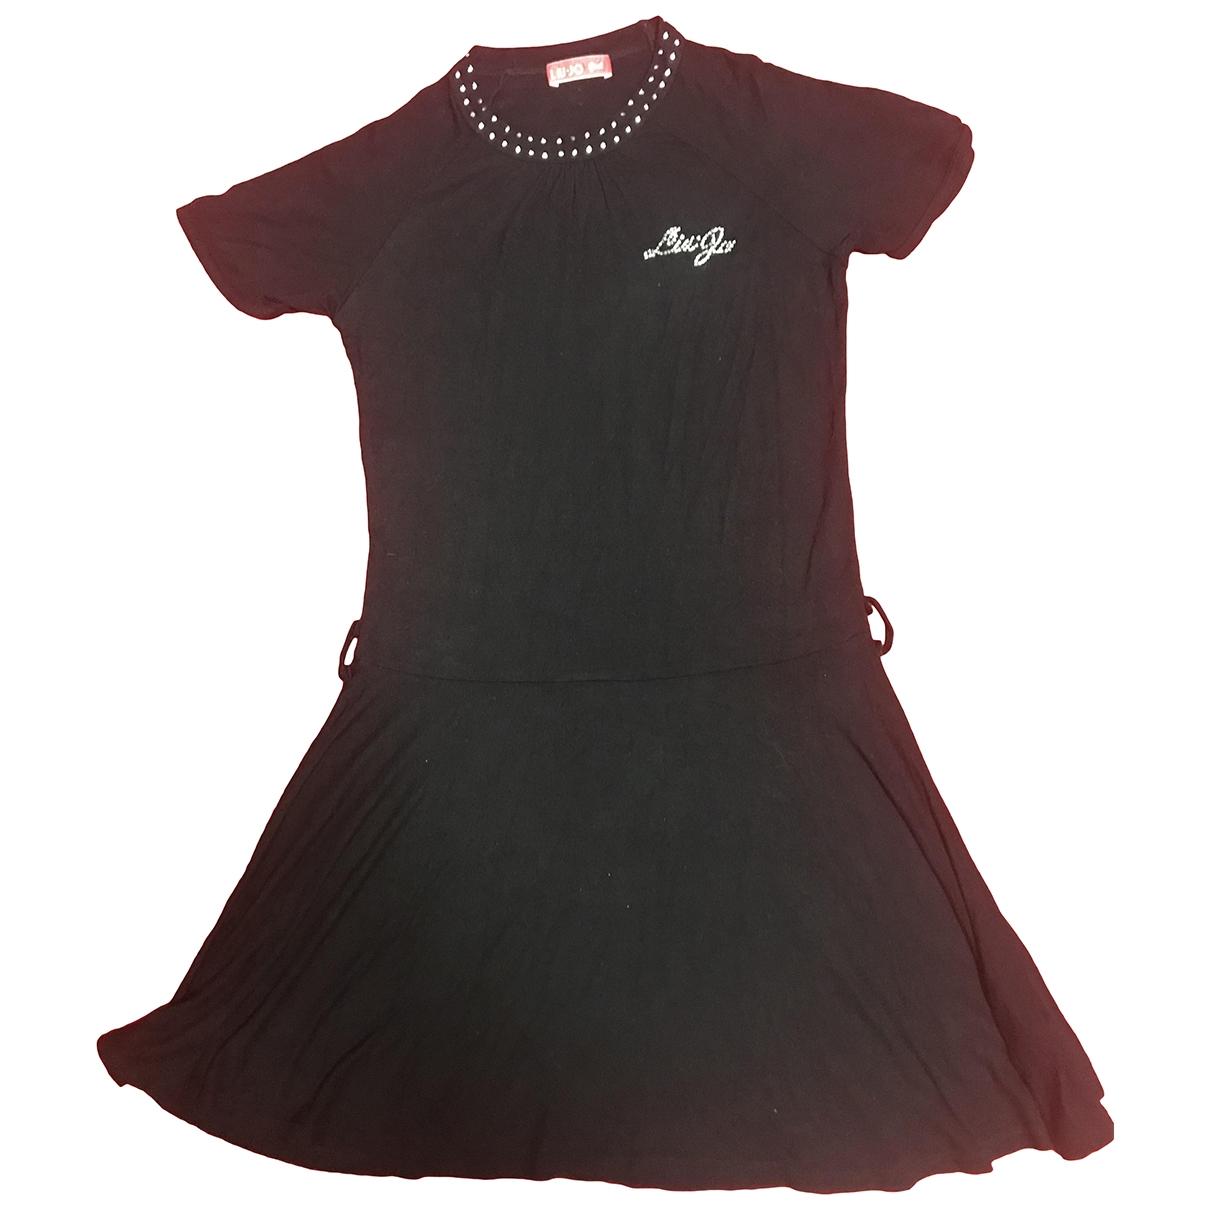 Liu.jo \N Black dress for Women 10 UK